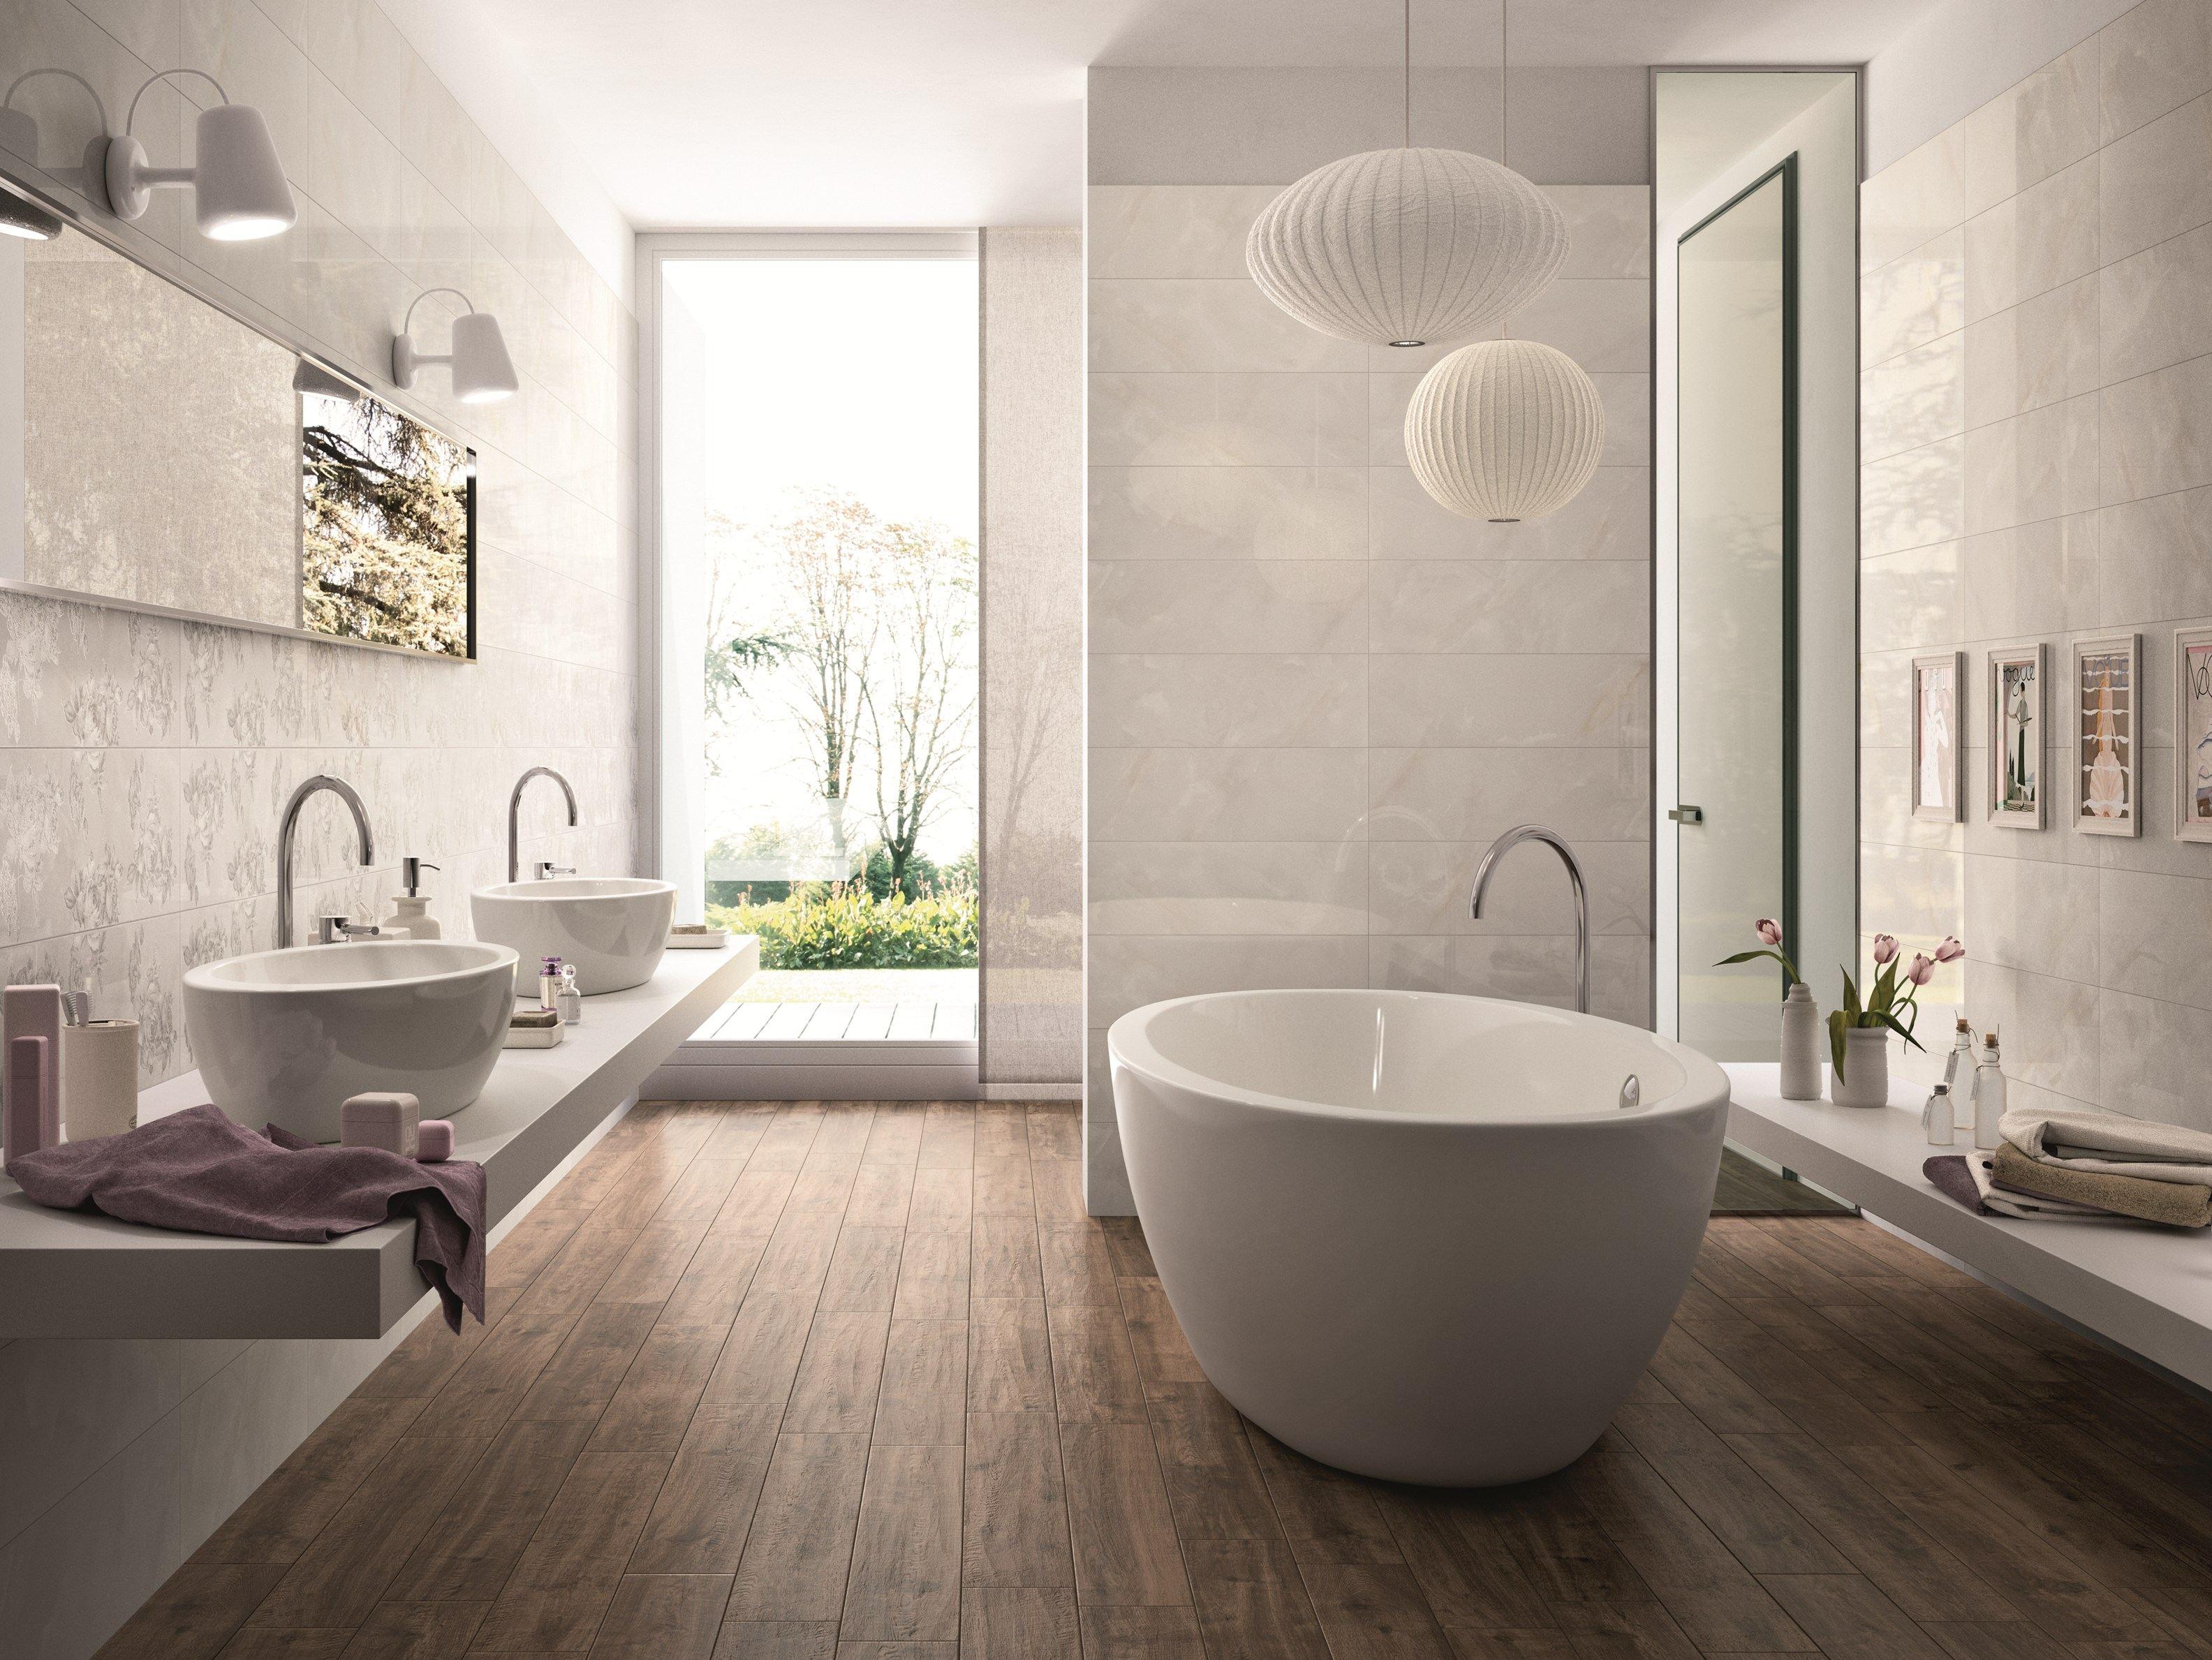 rinnova il tuo bagno: guida alla scelta delle piastrelle - cascino ... - Bagni Moderni Marazzi